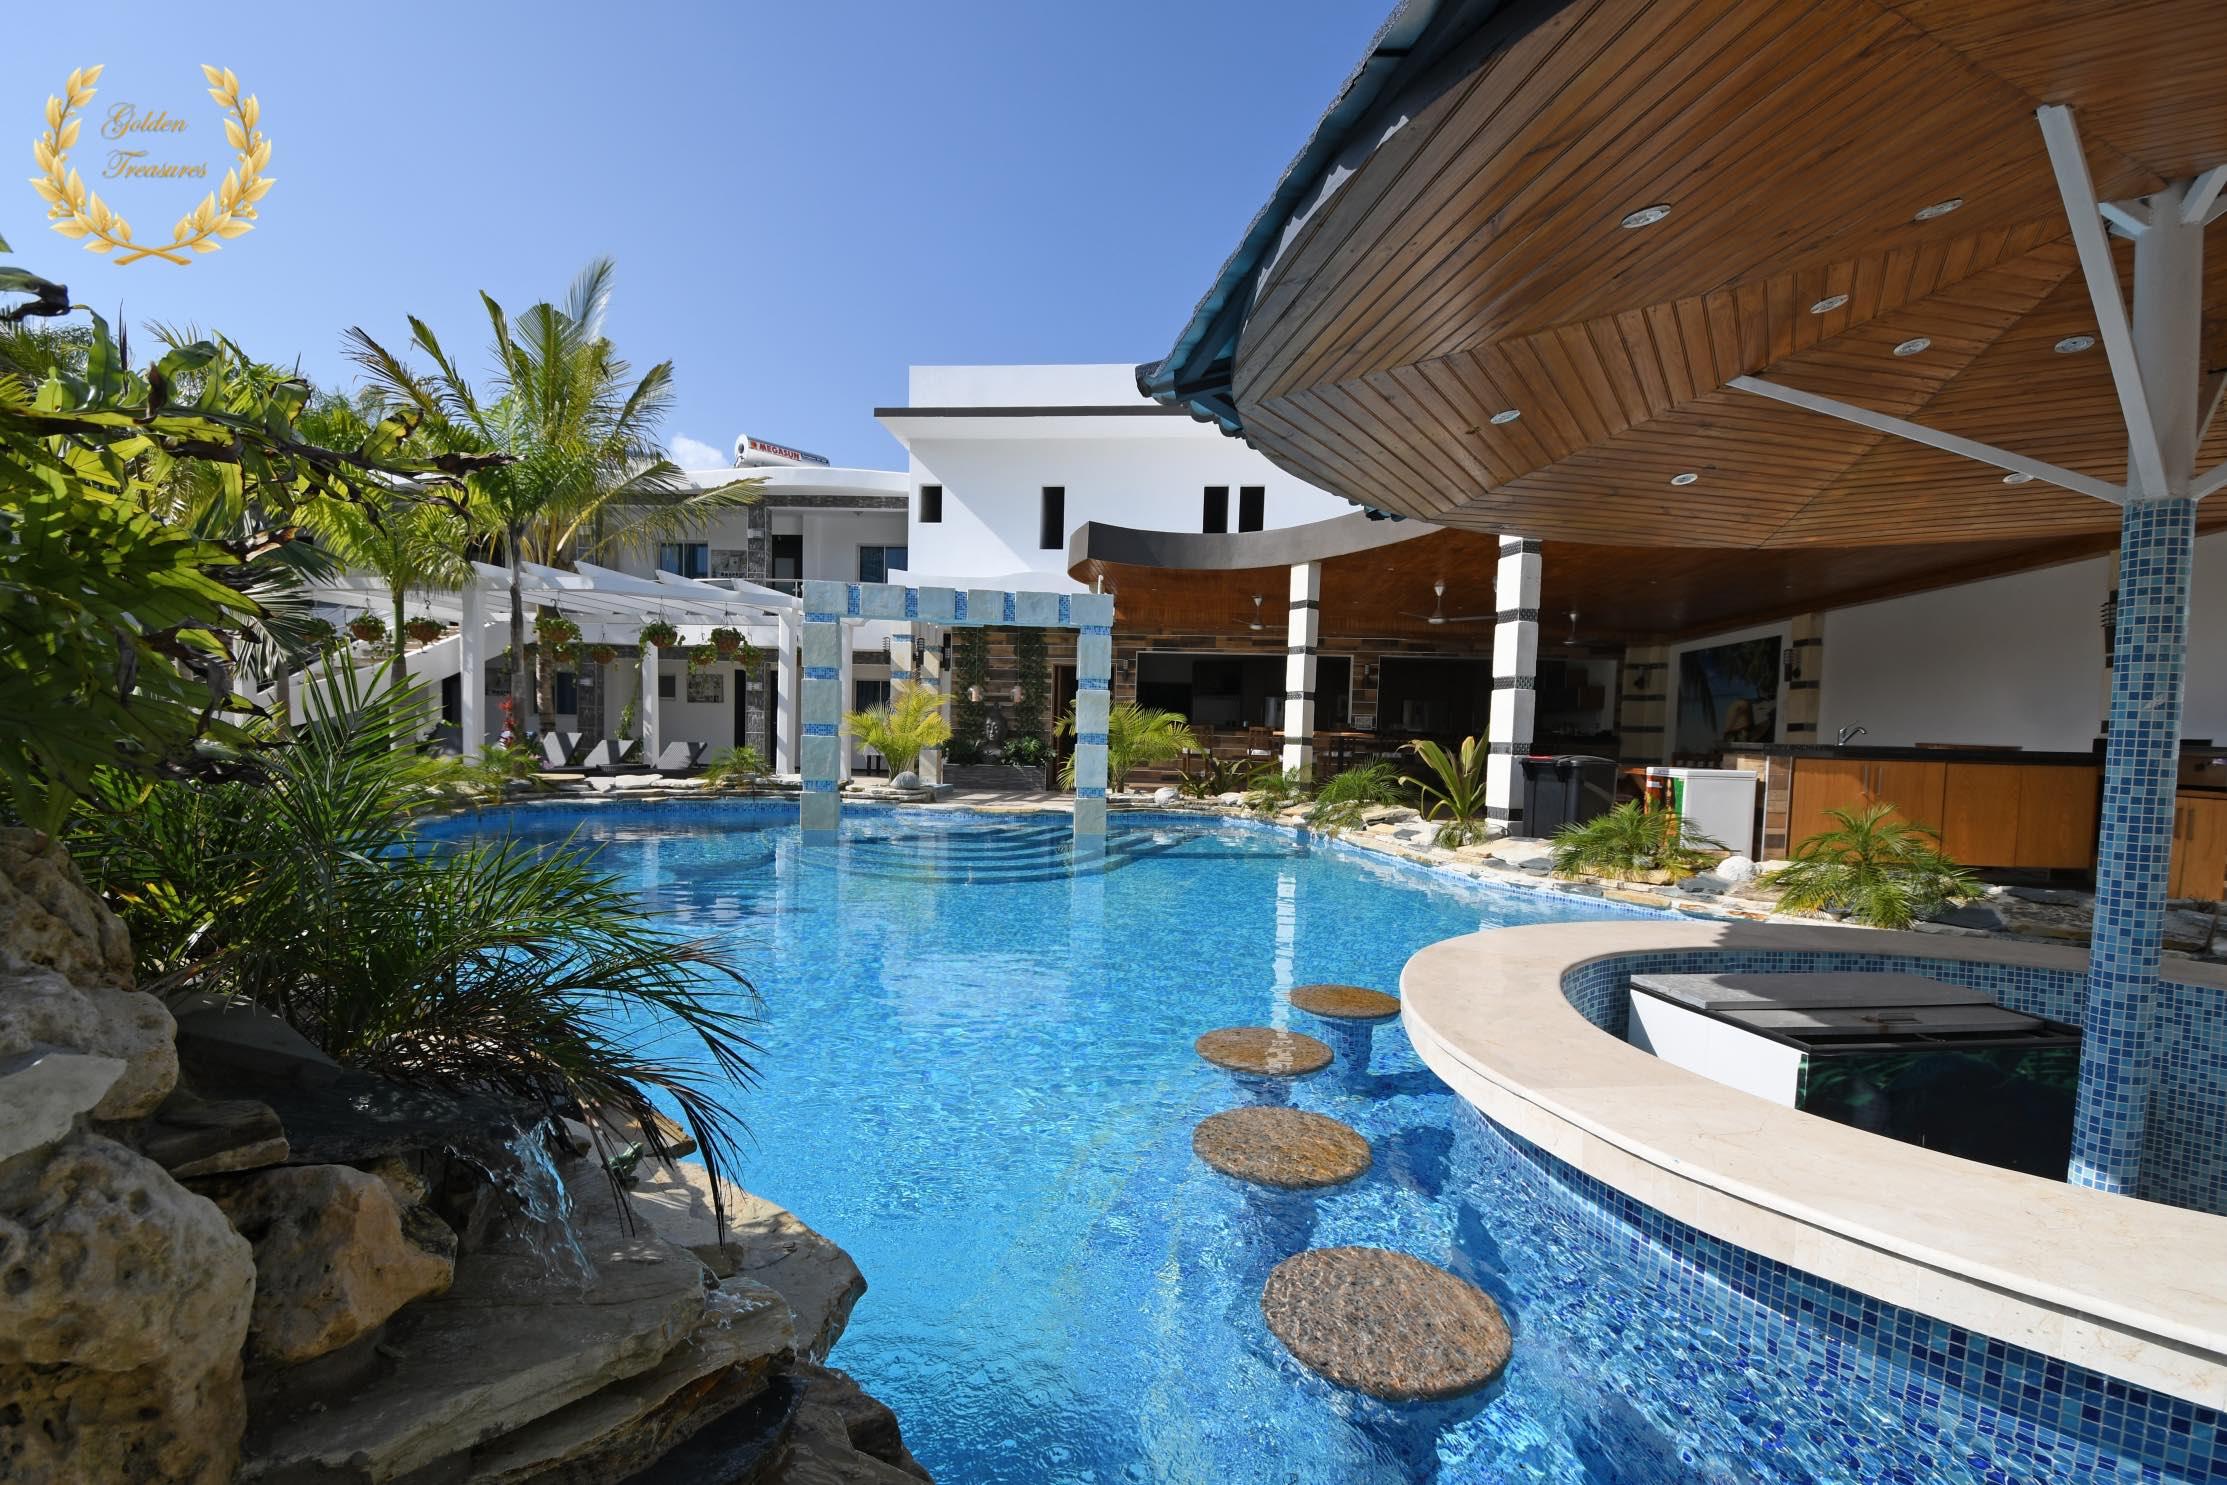 14 Bedroom Bachelor Party Villa in Sosua